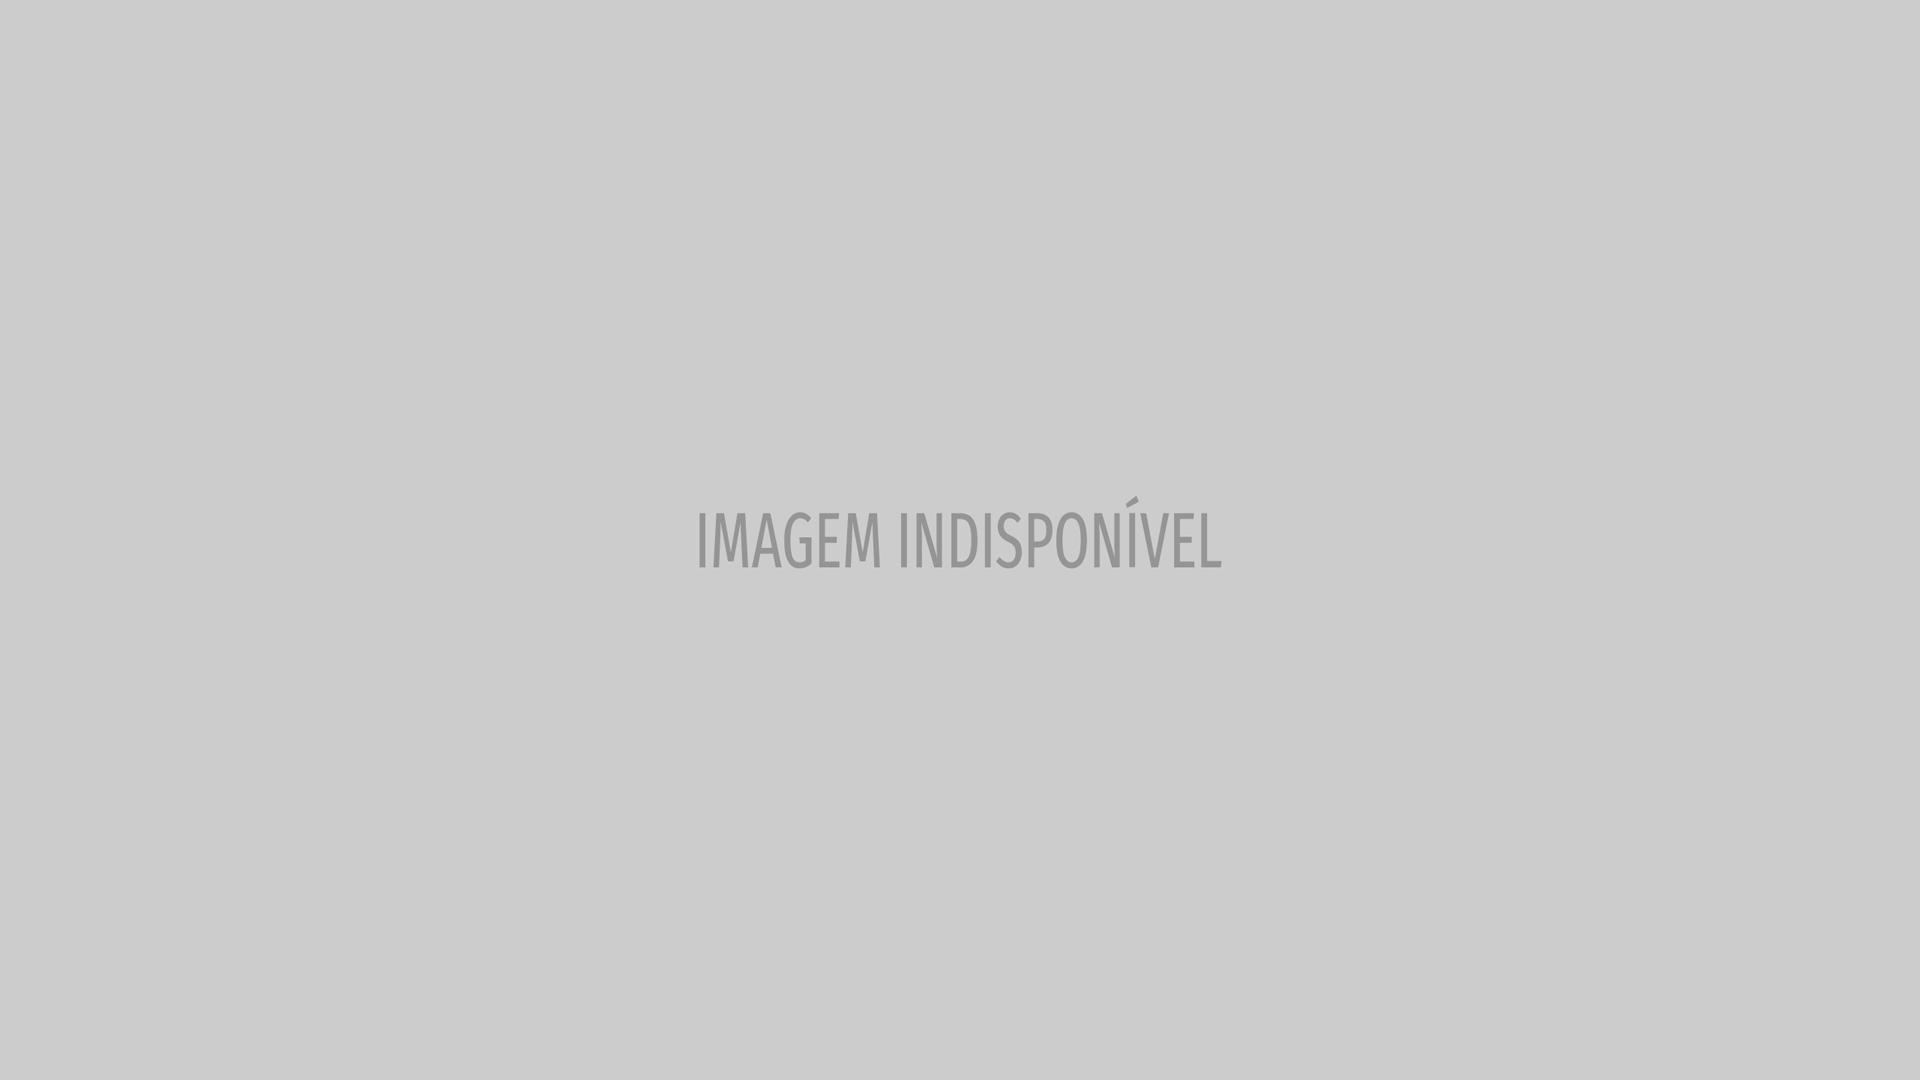 Príncipe Harry estaria namorando atriz americana, diz jornal